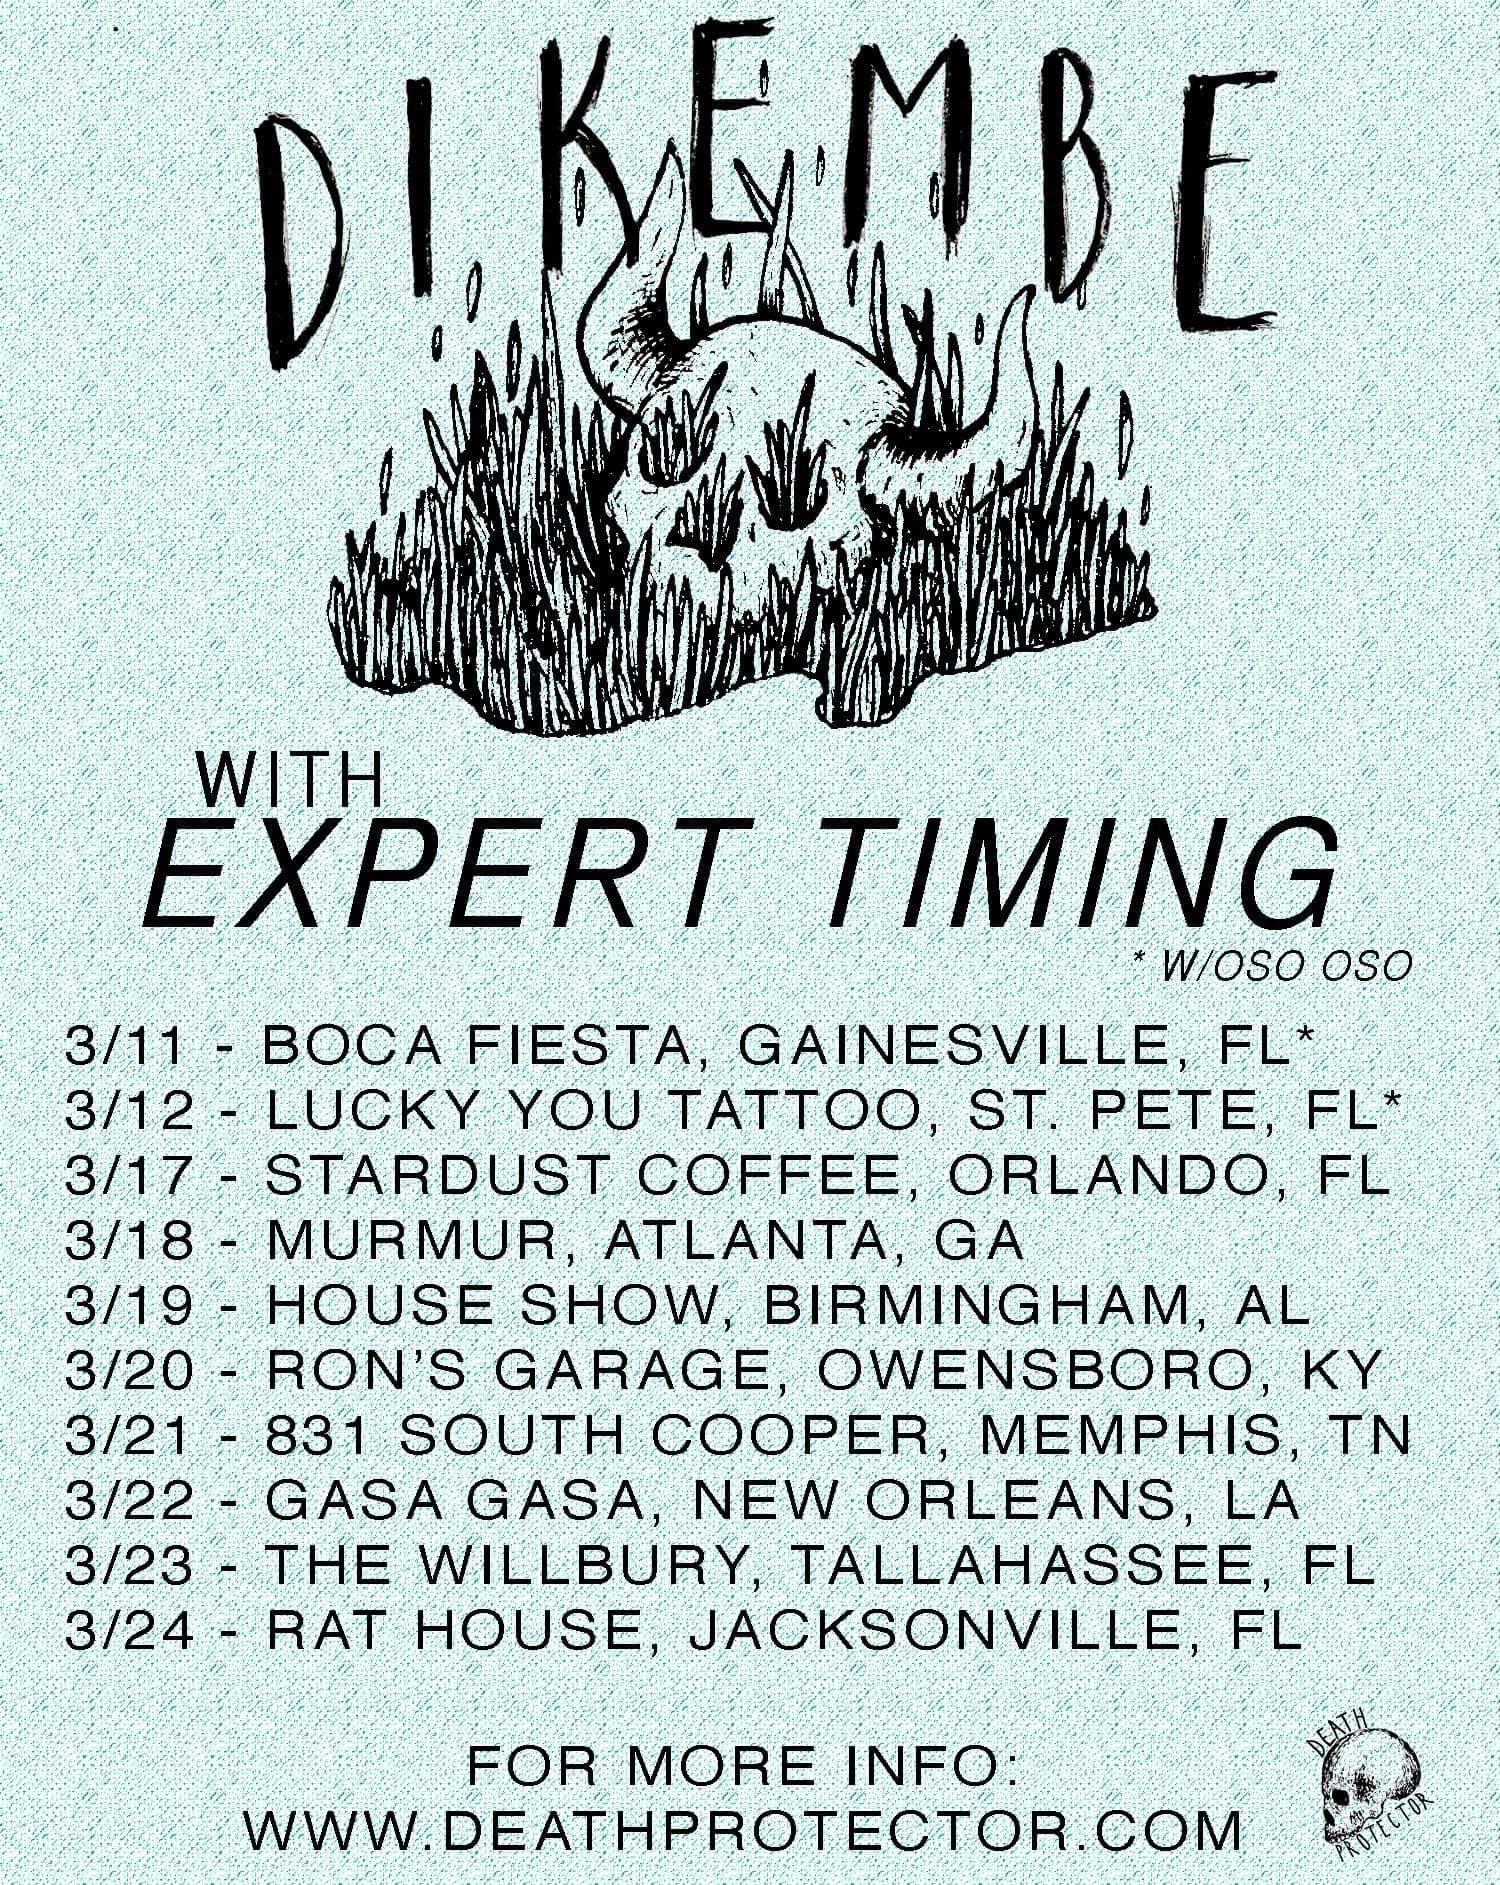 ET-DIK-TOUR